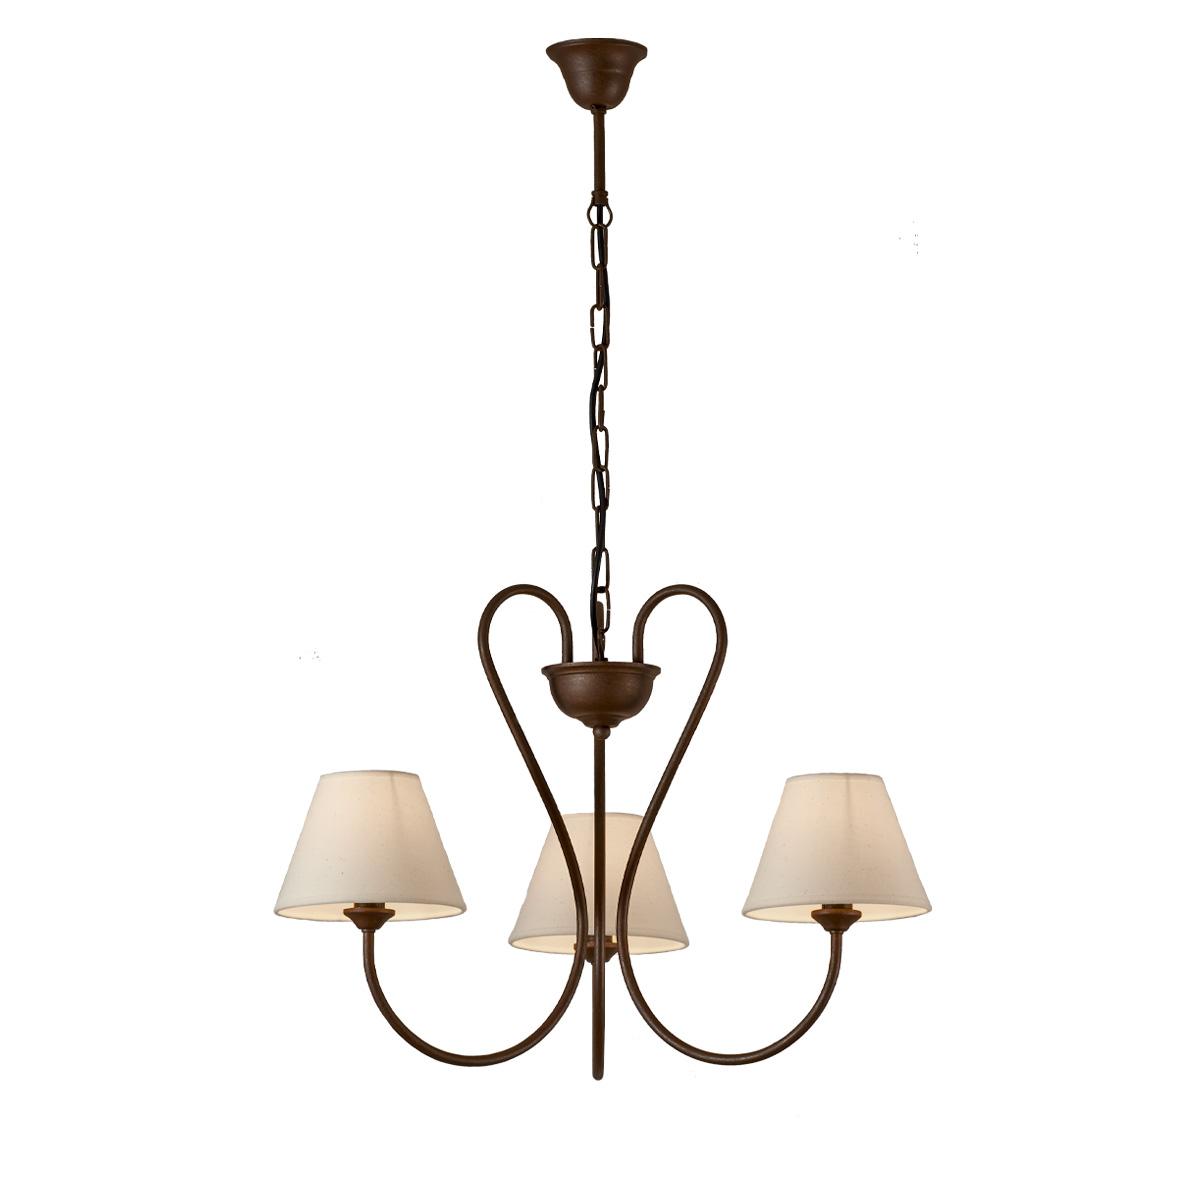 3φωτο ρουστίκ κρεμαστό φωτιστικό σε καφέ πατίνα ΝΑΞΟΣ-2 3-bulb brown patinated rustic pendant lamp